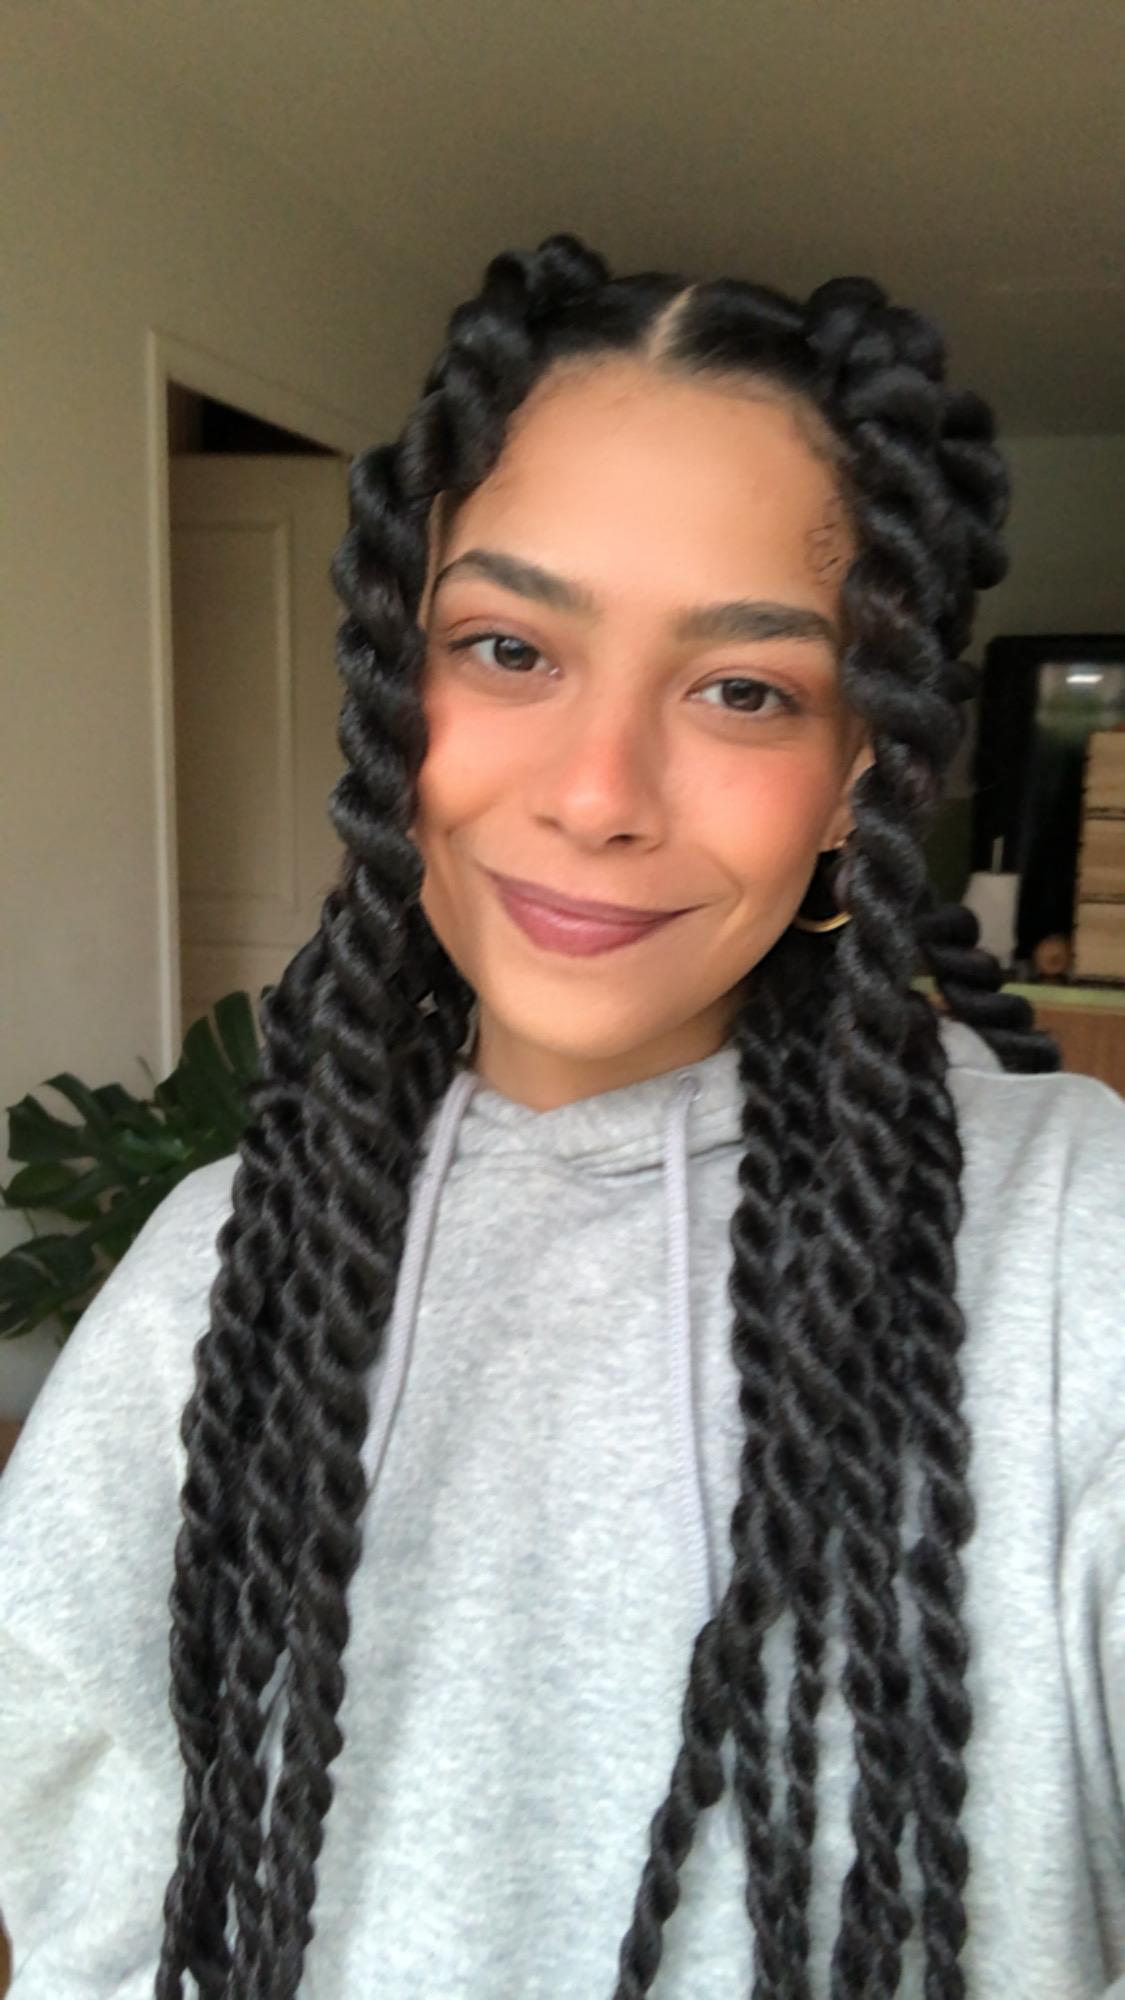 salon de coiffure afro tresse tresses box braids crochet braids vanilles tissages paris 75 77 78 91 92 93 94 95 LOMOOPMB